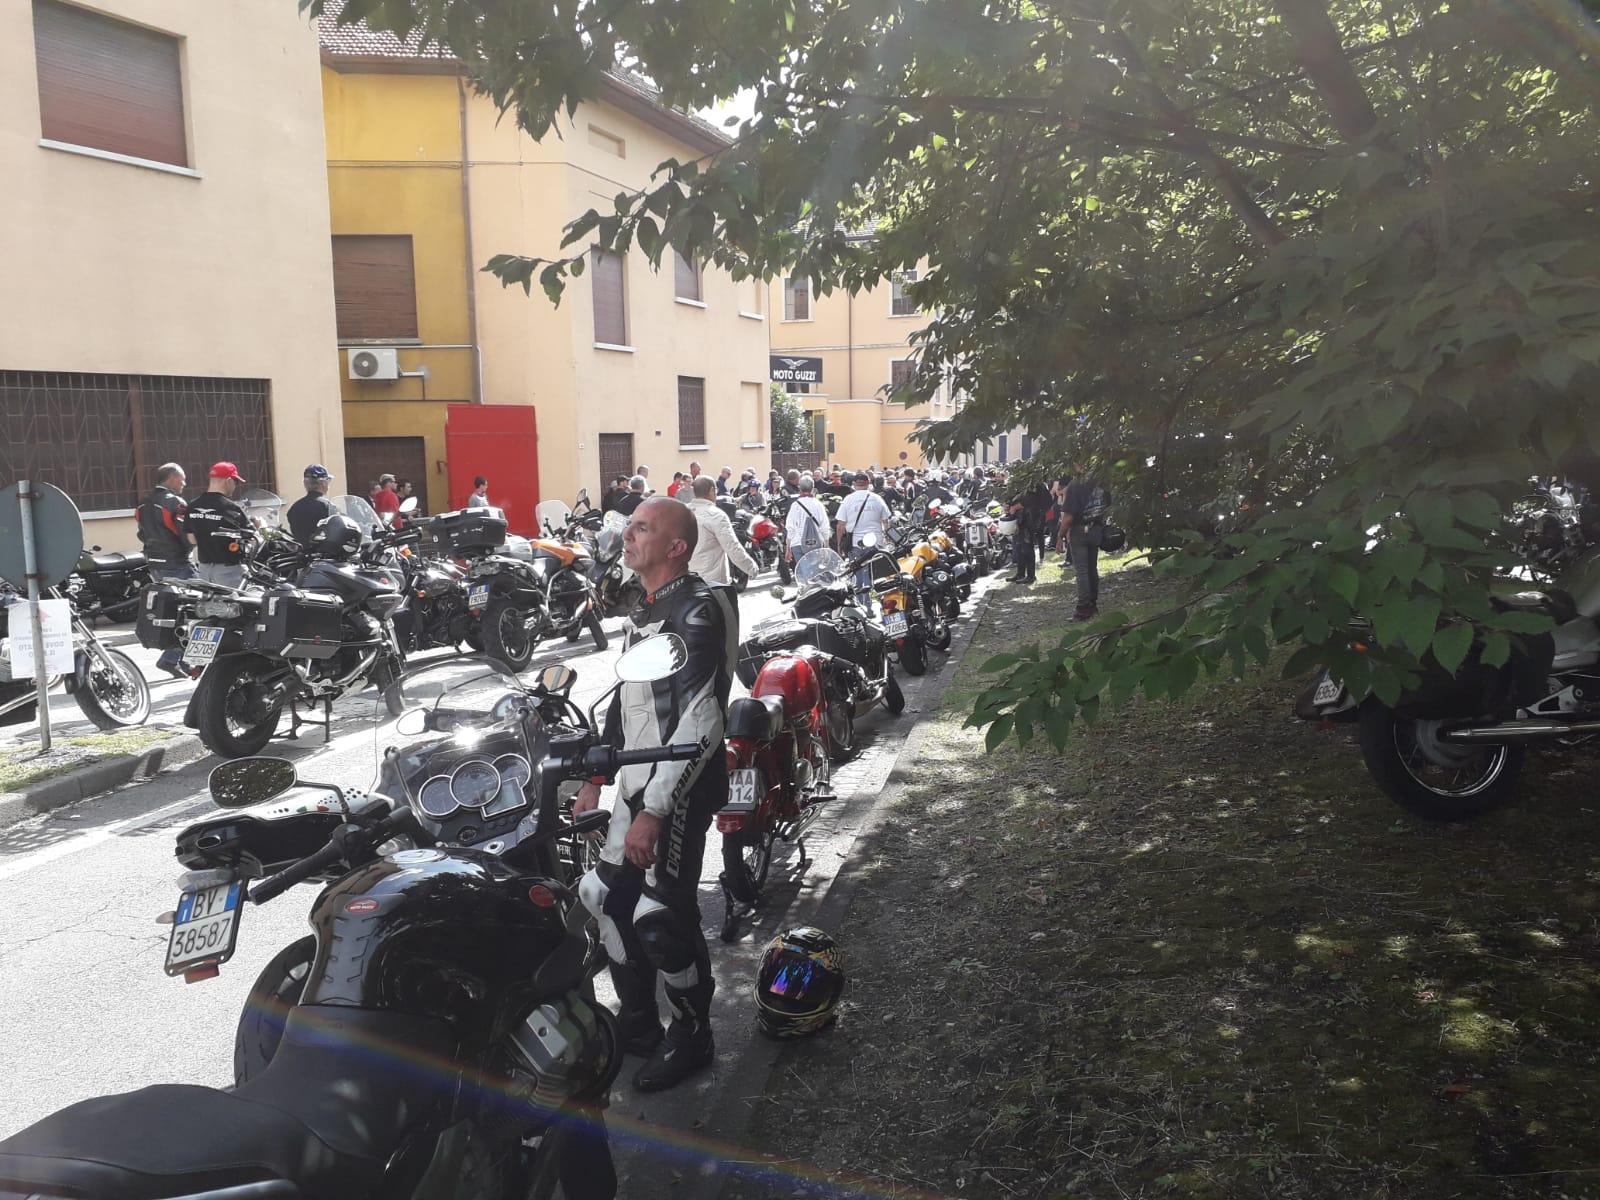 Moto Guzzi Raduno 2019 (6).jpeg